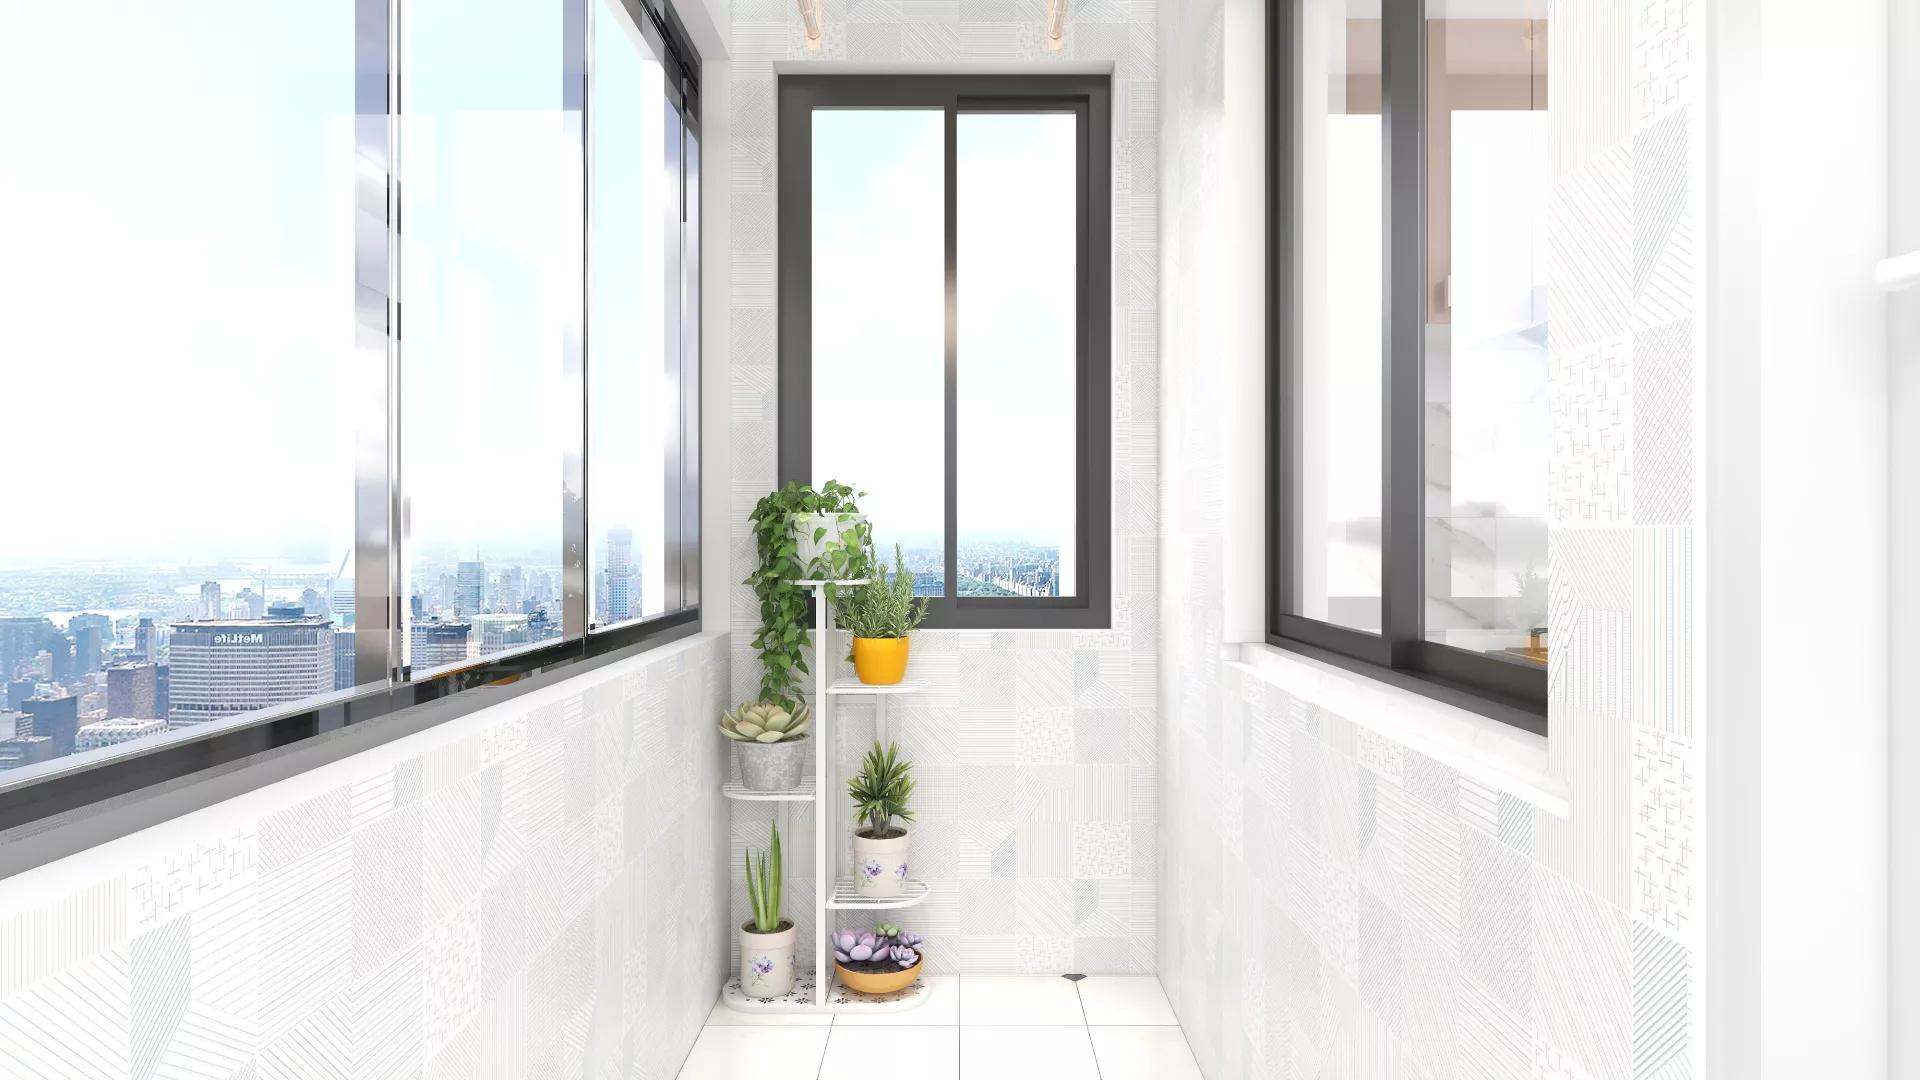 客厅装饰壁画如何选择?客厅装饰壁画选购要注意什么?